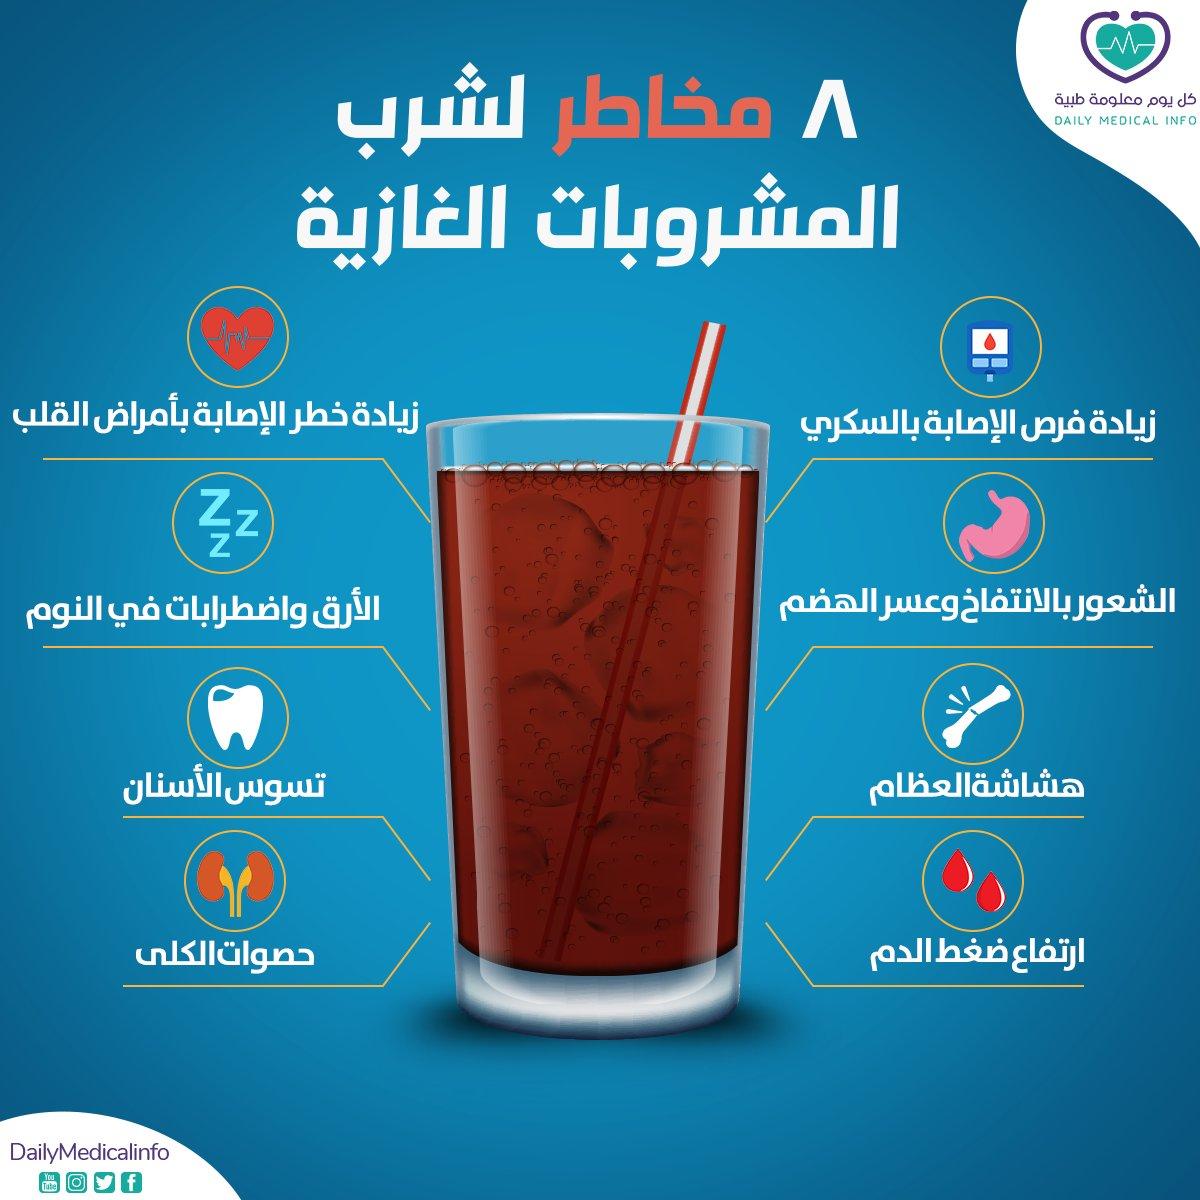 8 مخاطر لشرب المشروبات الغازية